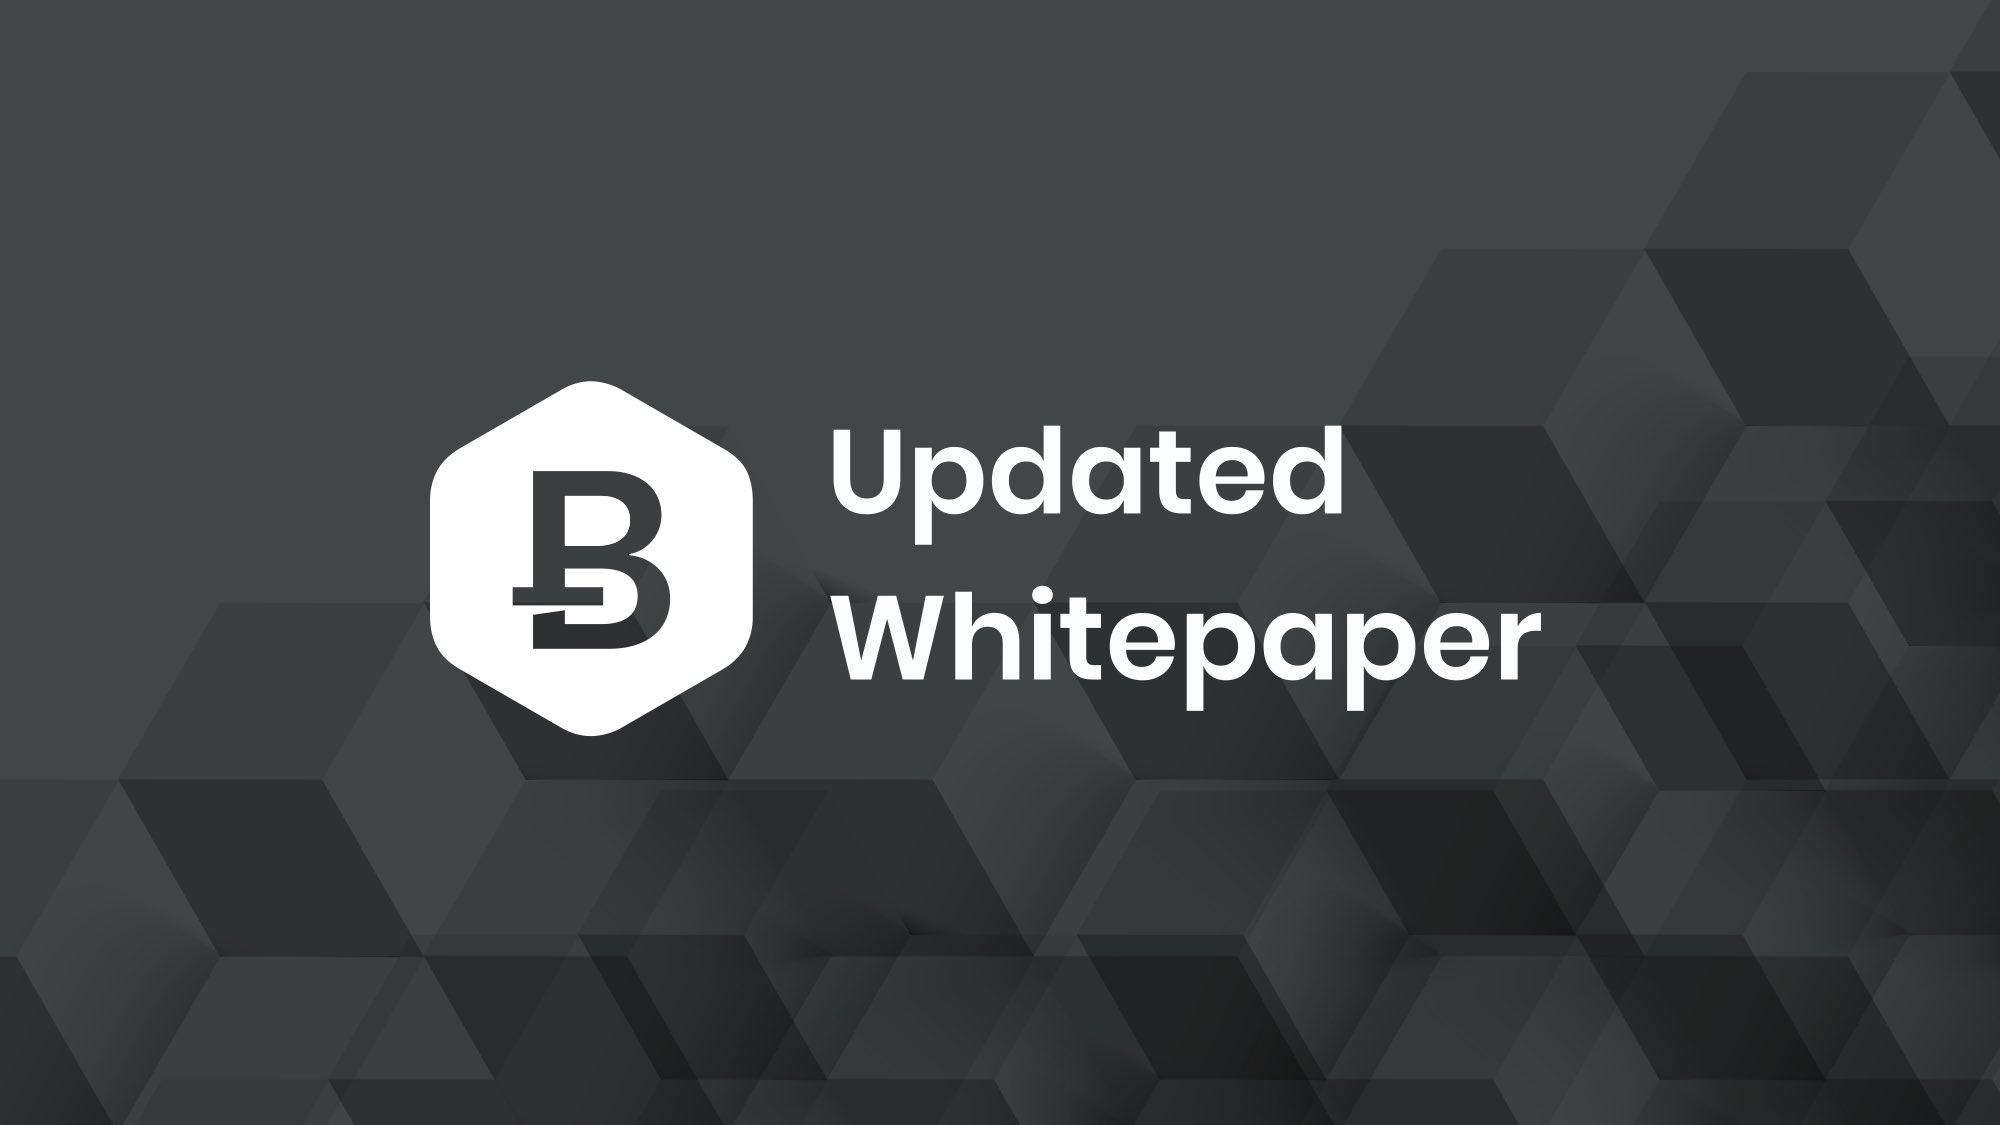 XRC白皮书的更新版本刚刚发布, 随时阅读和分享